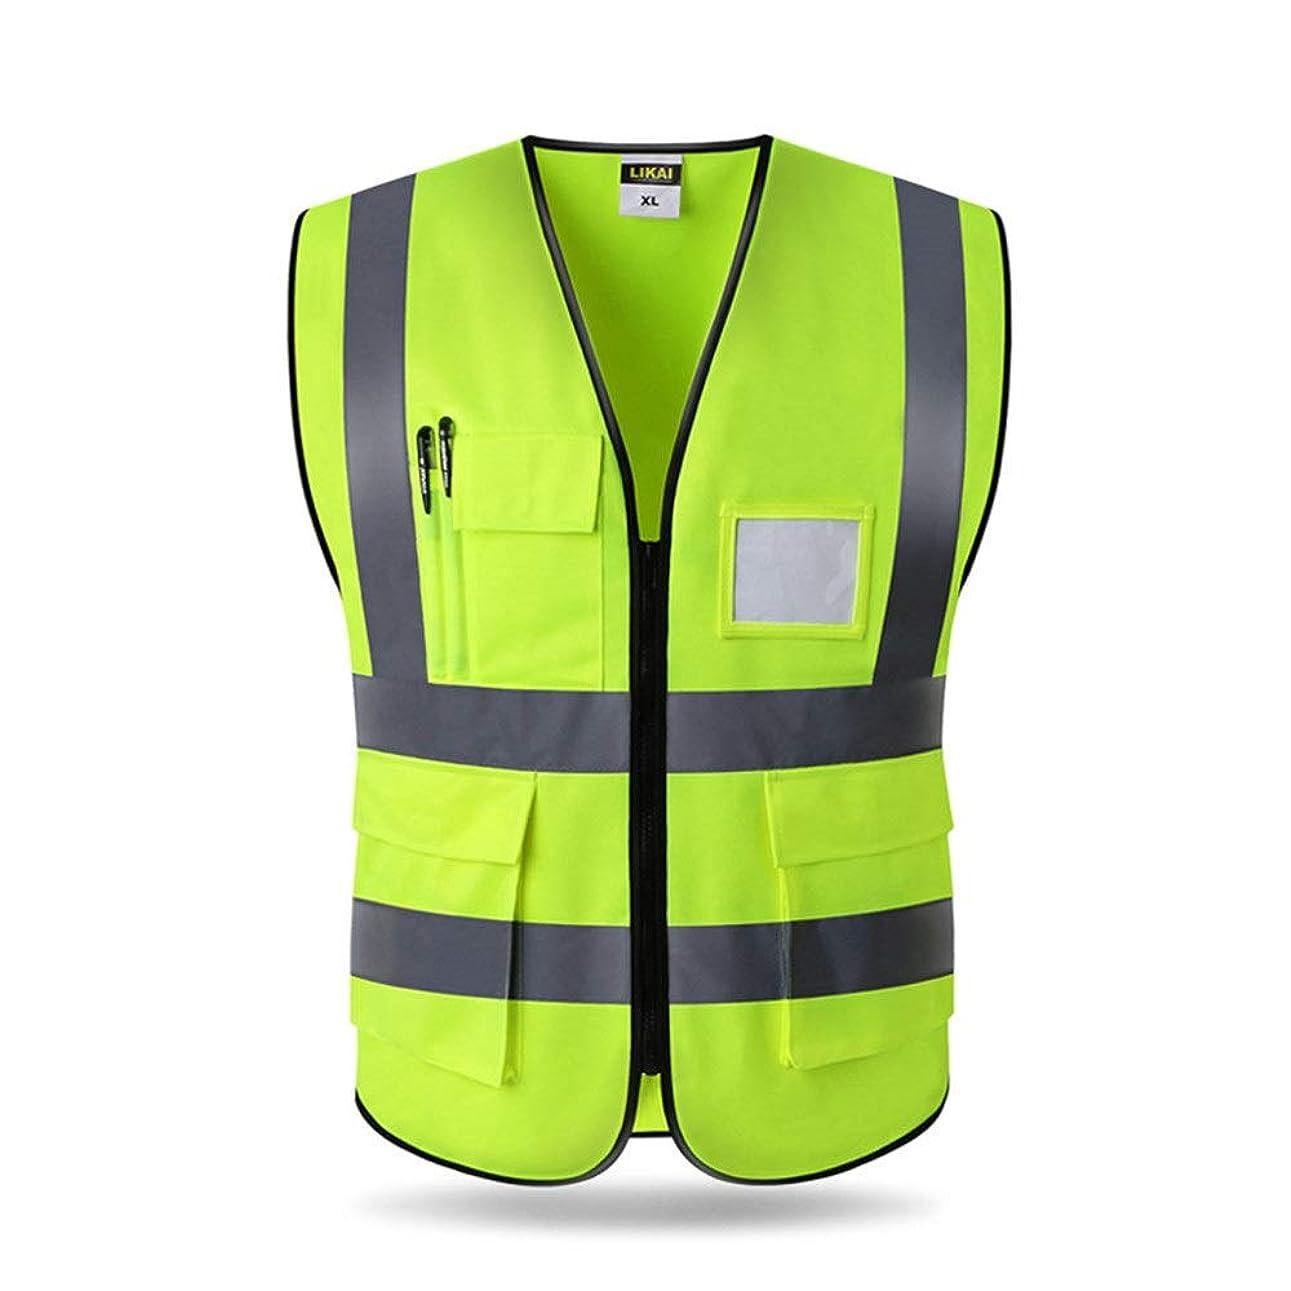 時折生き残り後方にRuzzy 安全ベスト工事現場の安全ベスト道路清掃交通コマンドマルチポケット安全ベスト 購入へようこそ (Color : Dark green, Size : XXL)